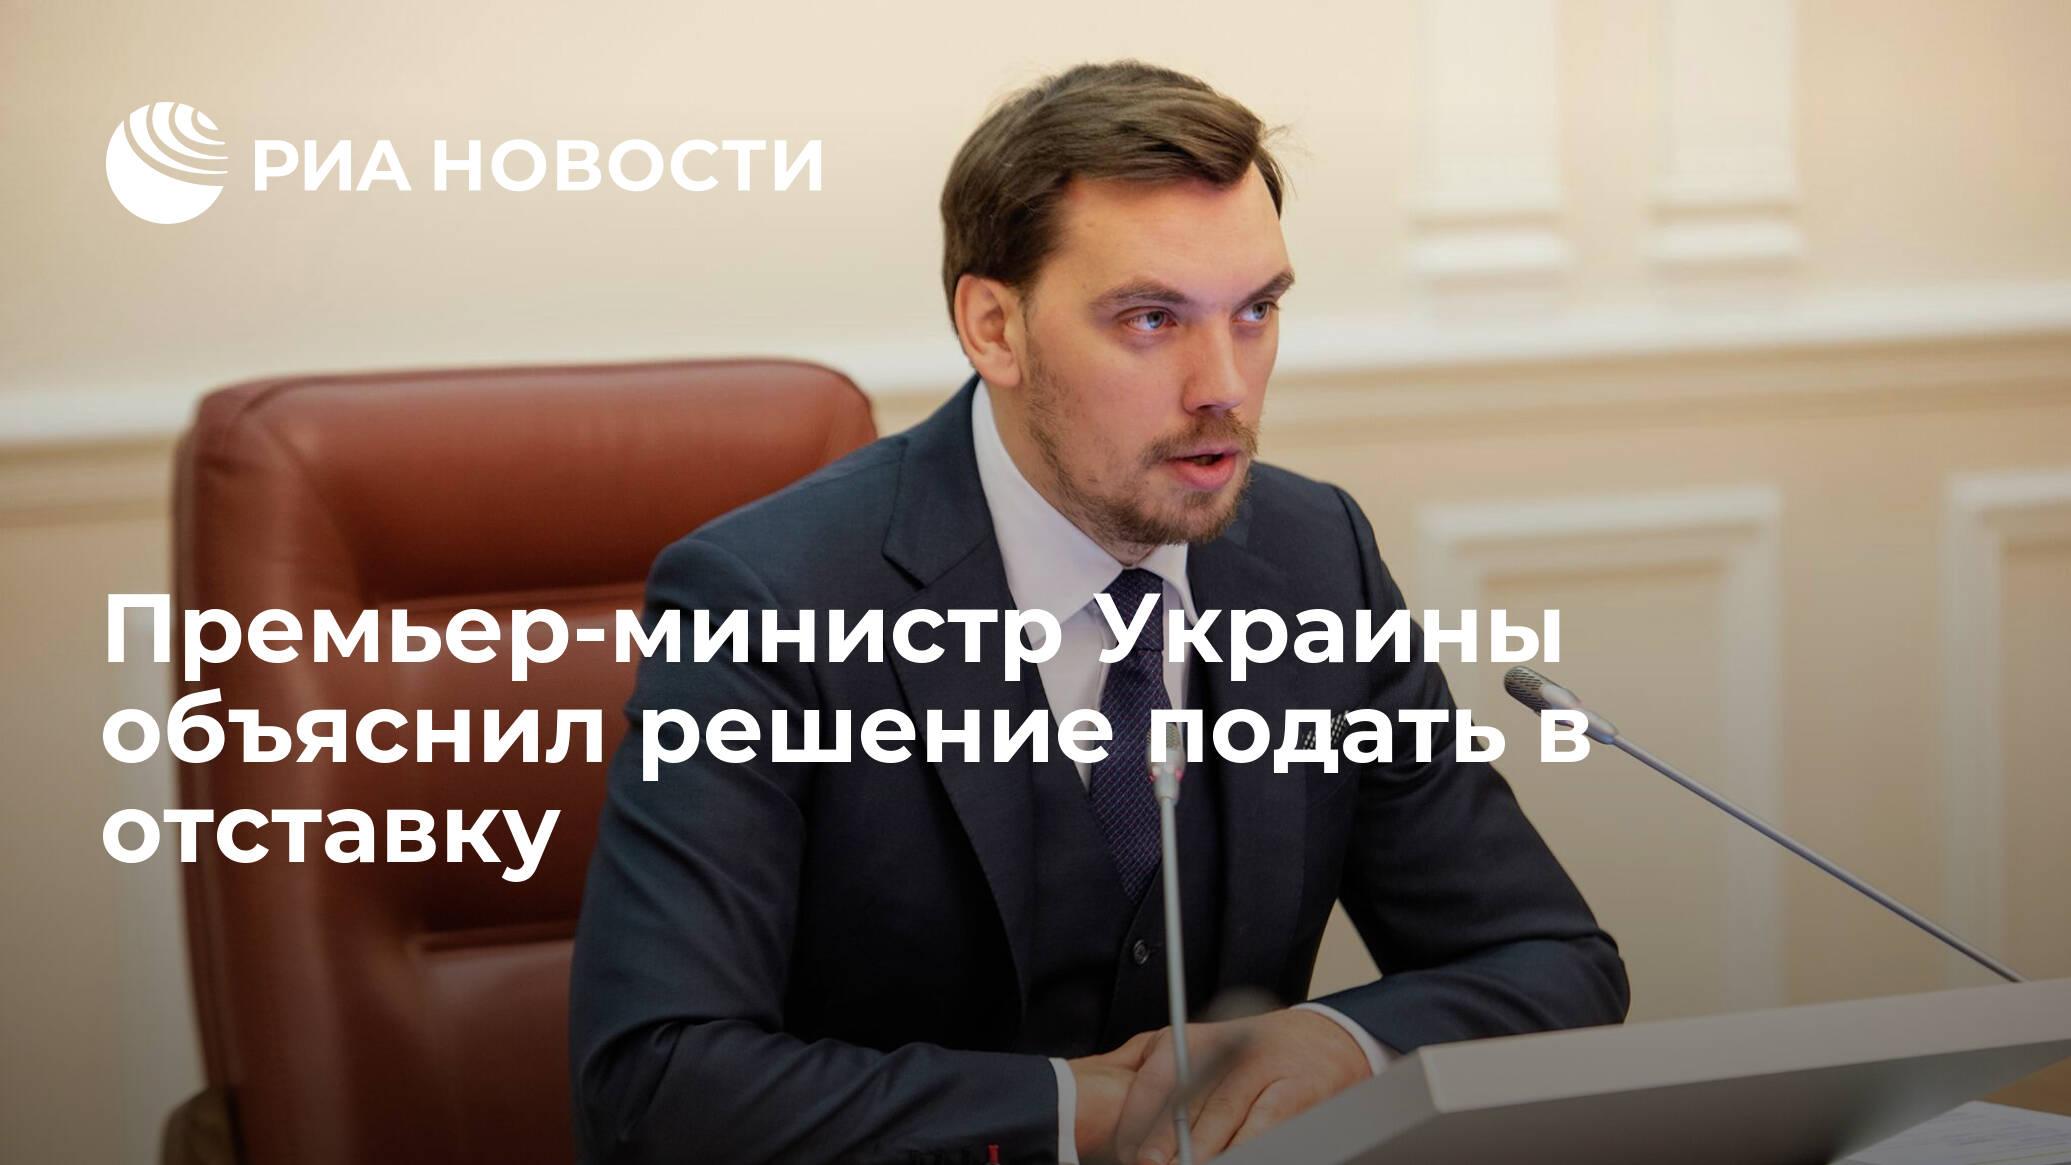 Премьер-министр Украины объяснил решение подать в отставку